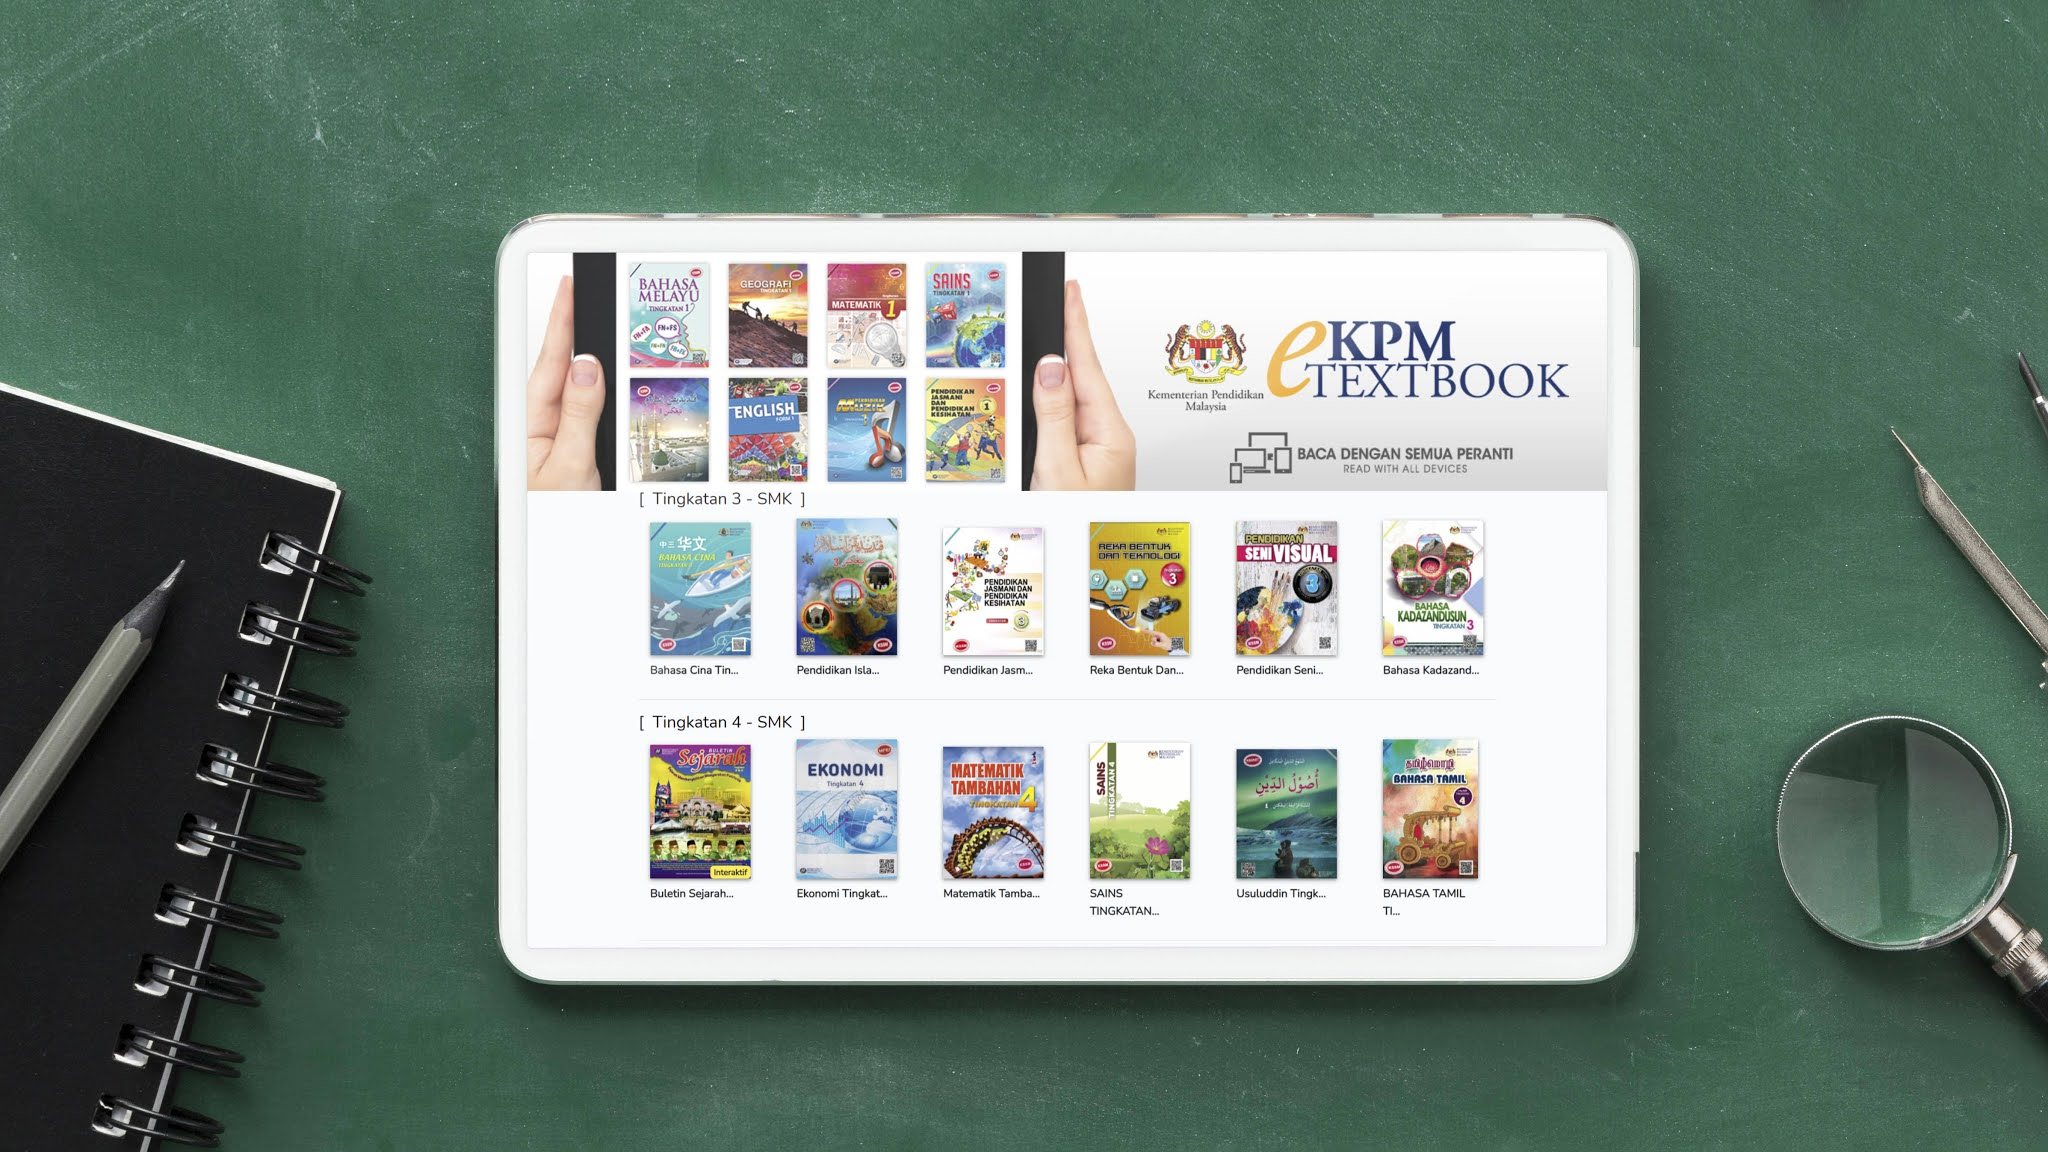 Murid Sekolah Kini Boleh Dapatkan Buku Teks Digital Yang Disediakan Oleh Pihak KPM